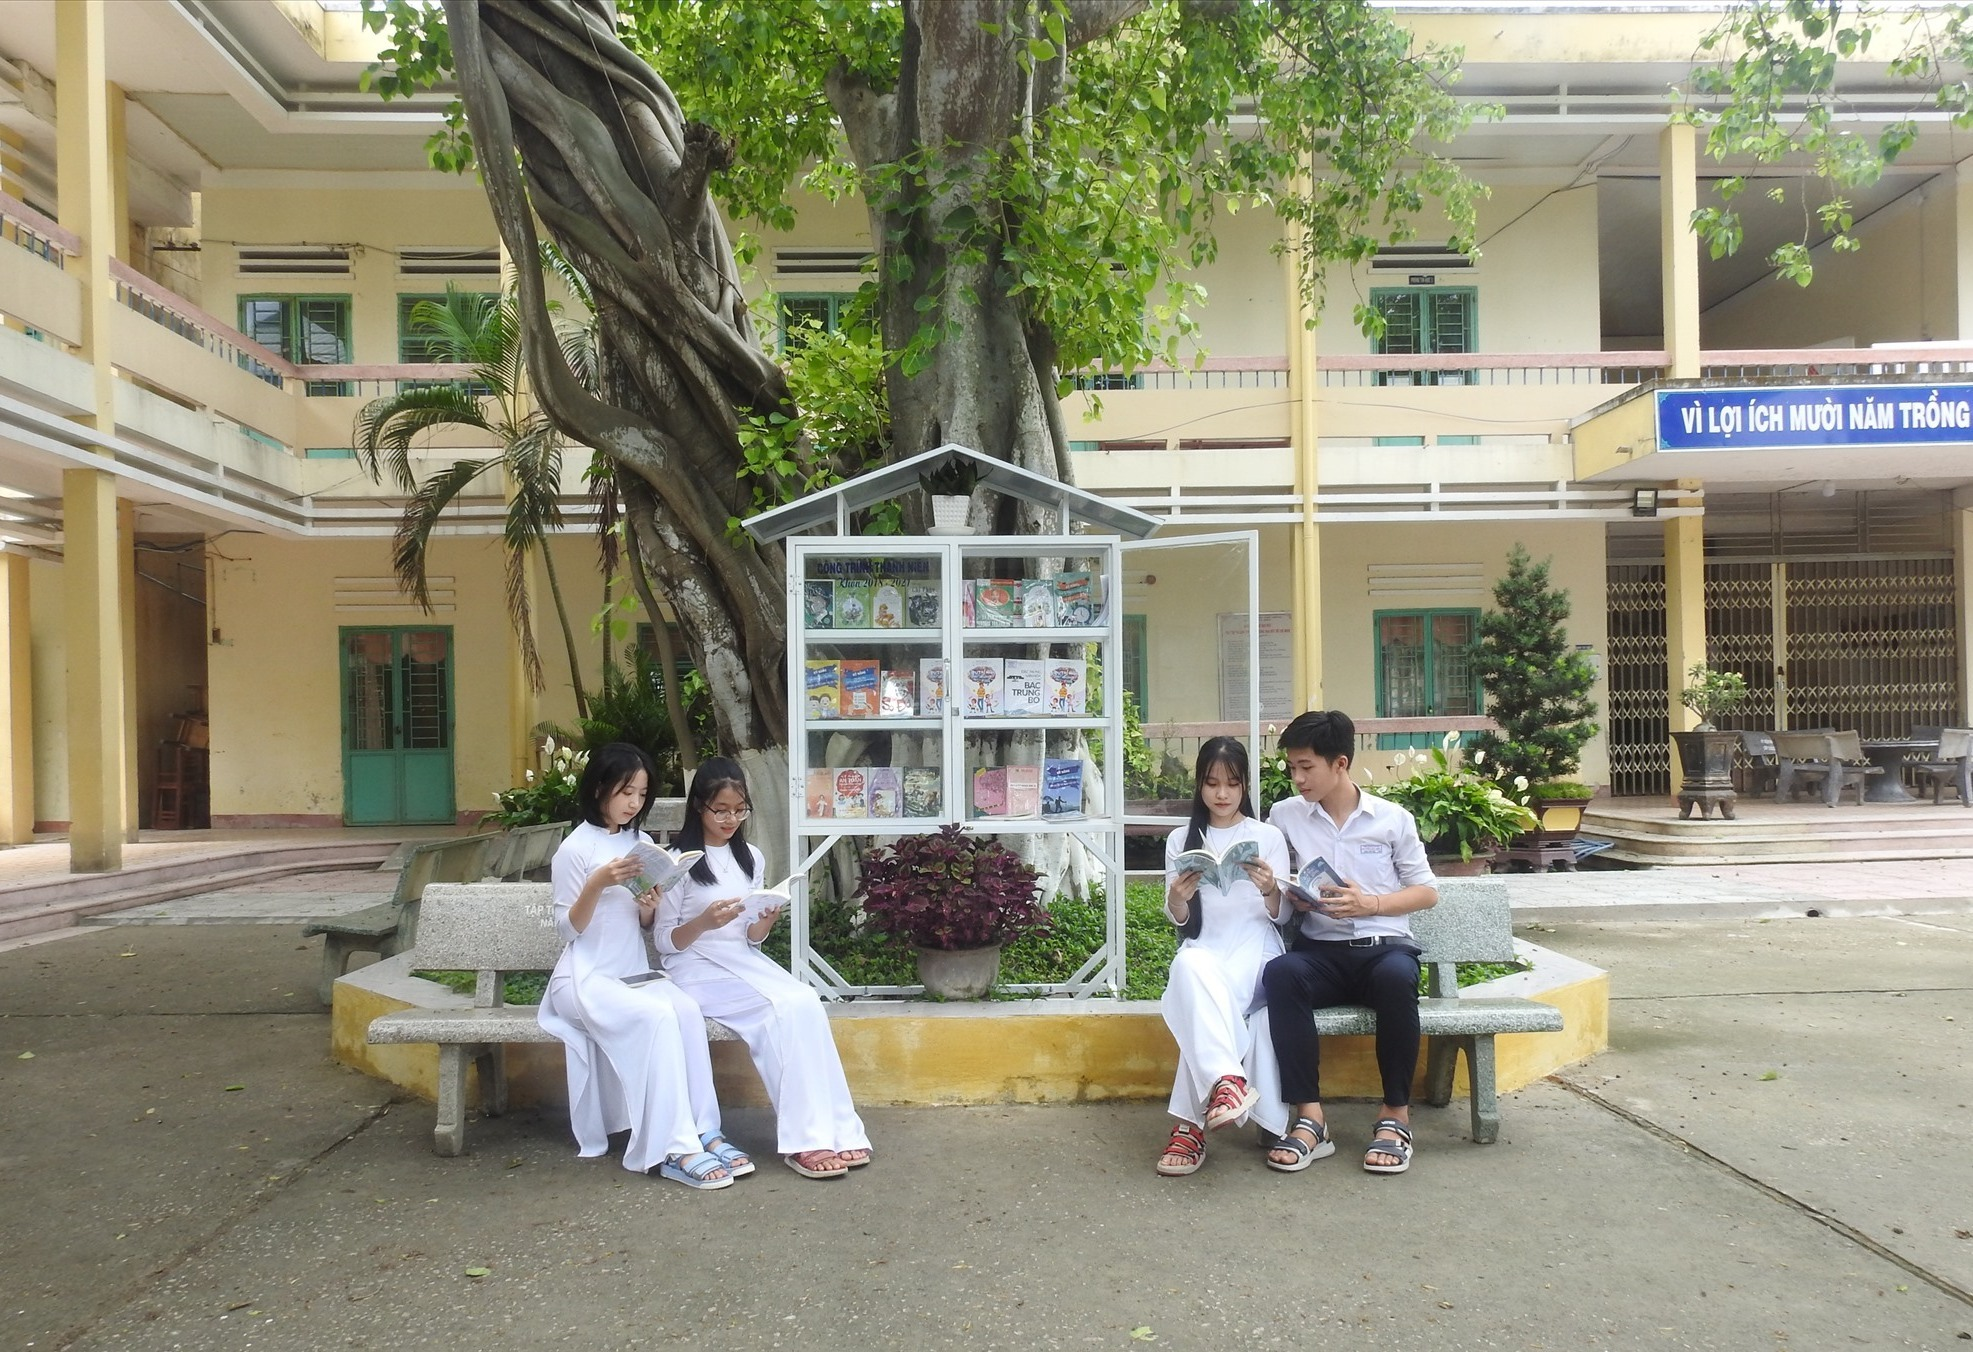 """Học sinh Trường THPT Nguyễn Duy Hiệu đọc sách bên """"cây sách"""" sân trường. Ảnh: K.V"""